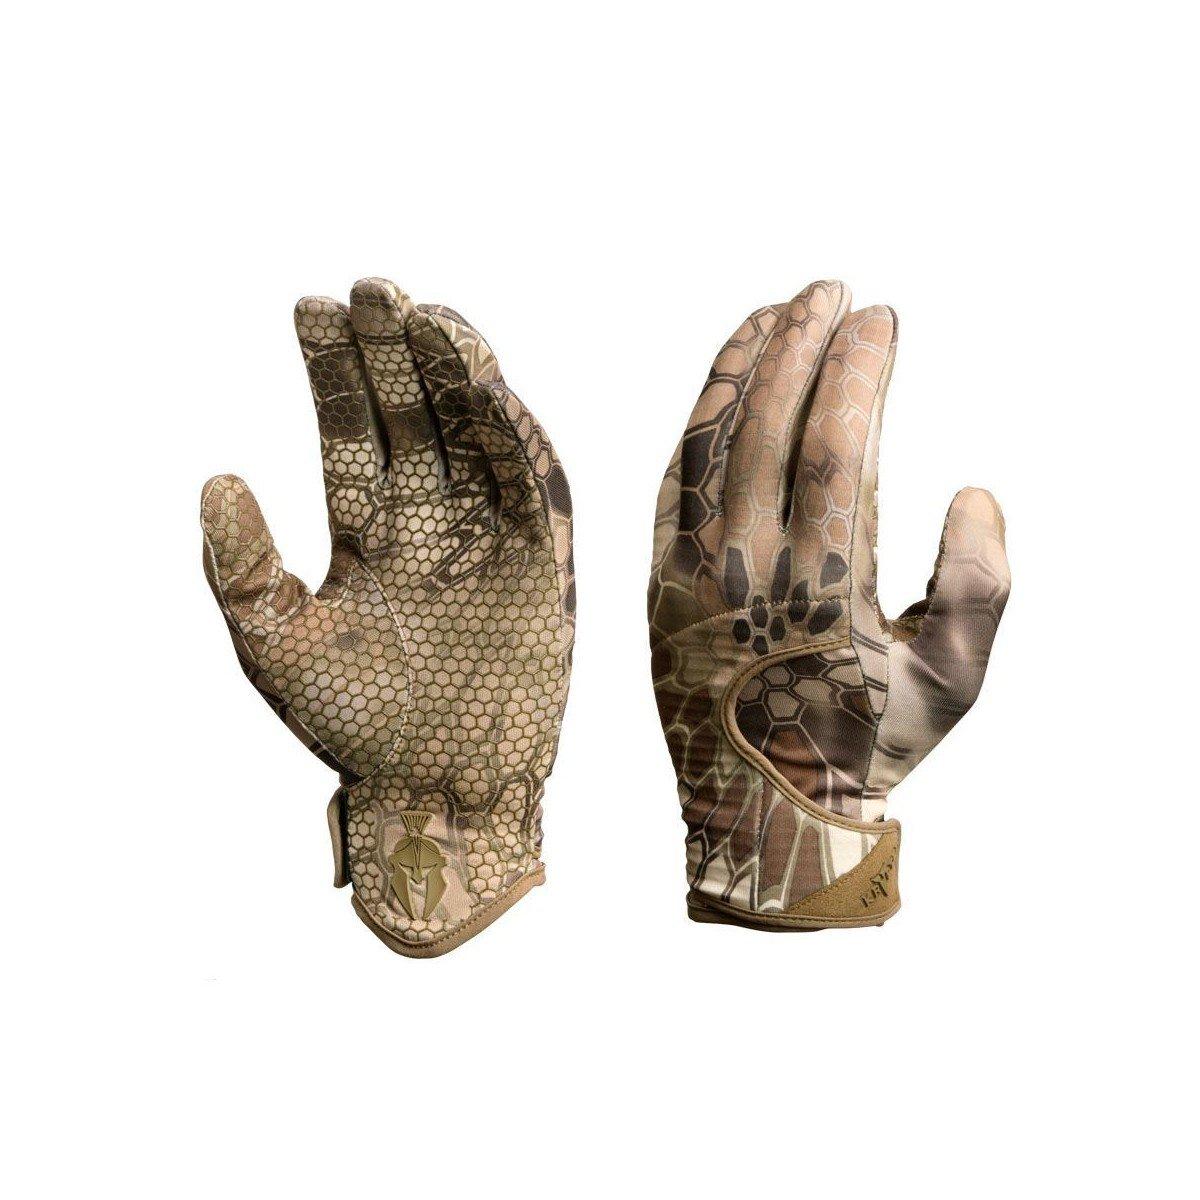 Kryptek Krypton Glove, Color: Typhon, Size: Xl (17kryat6)